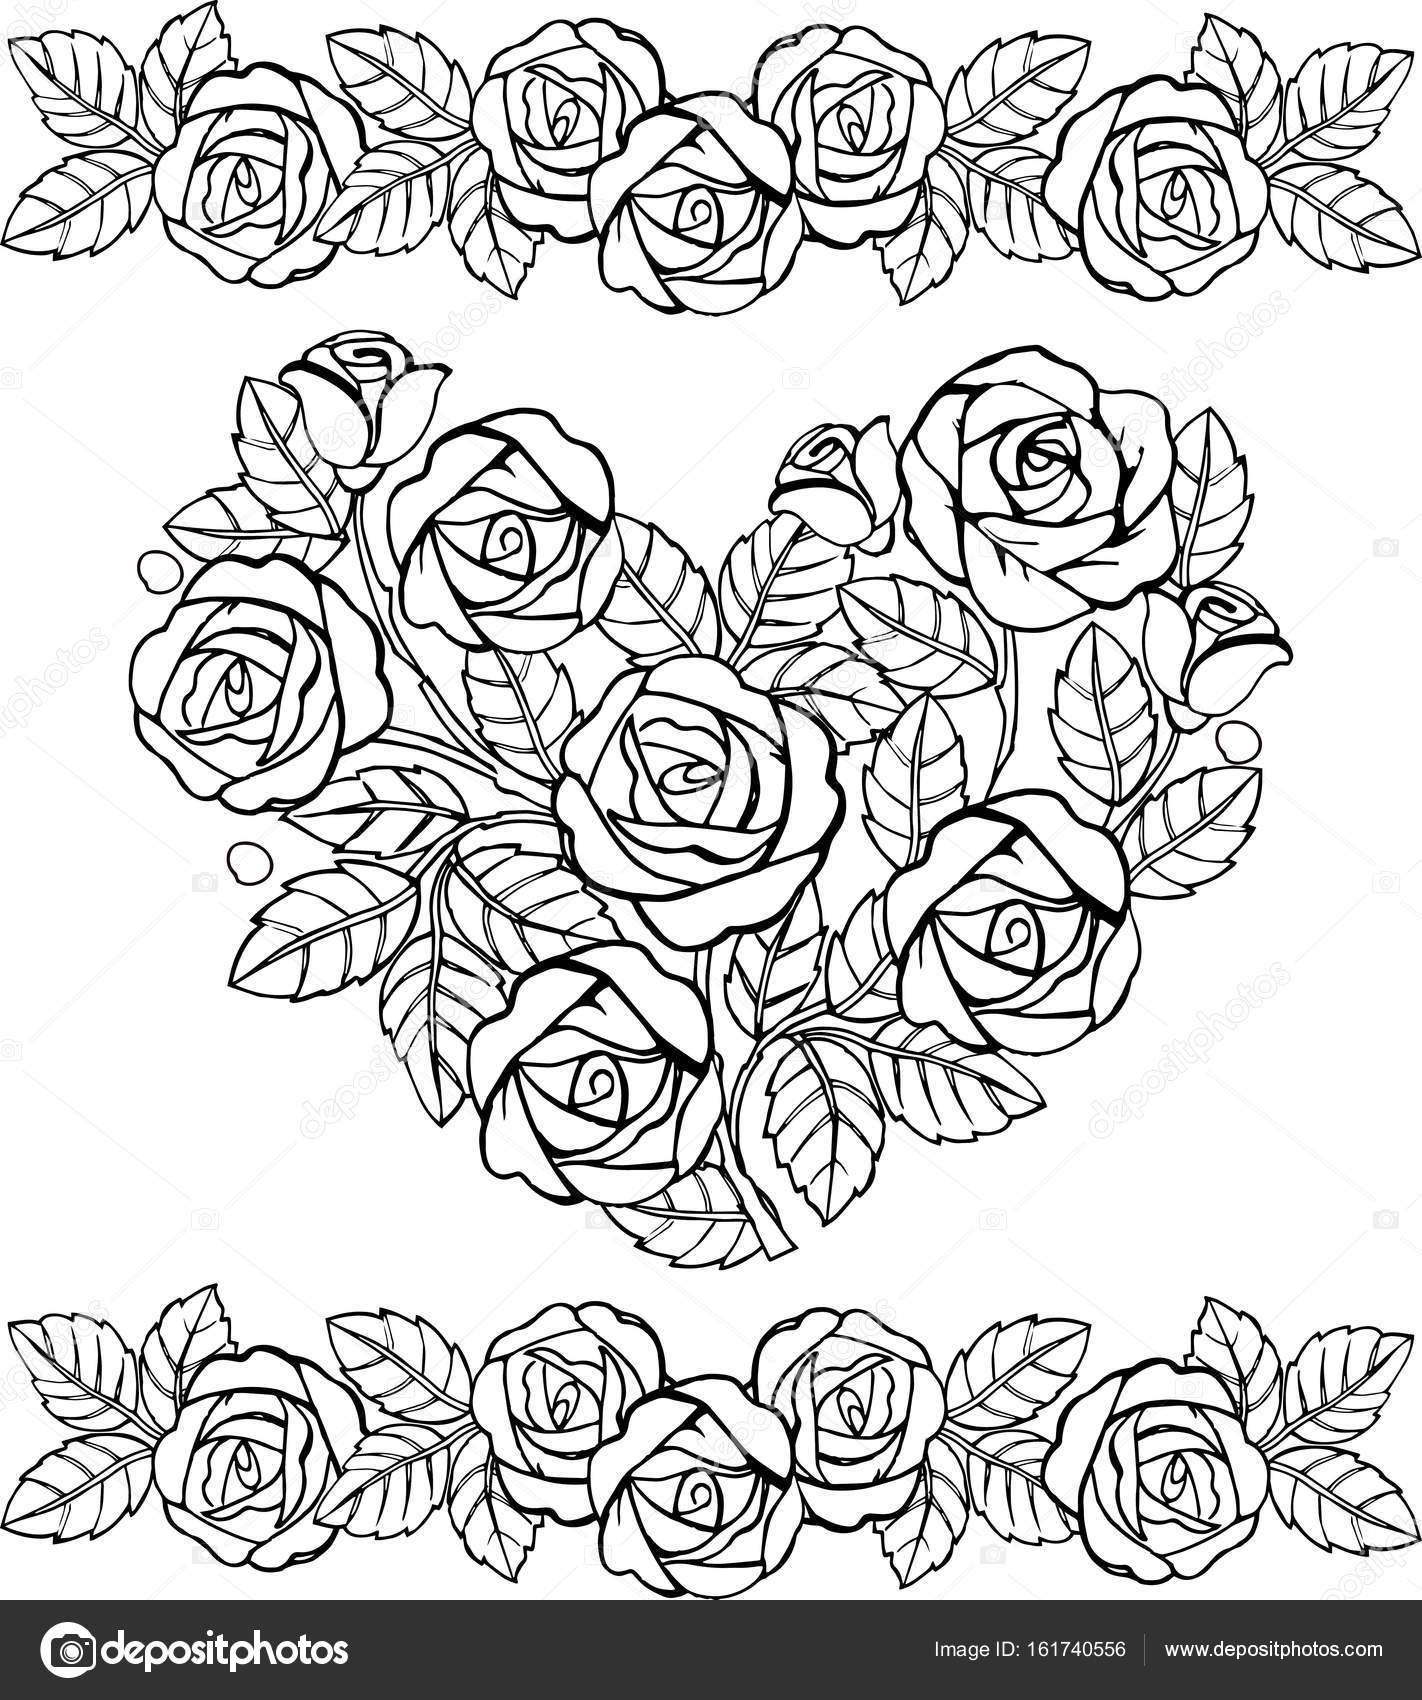 Handgemalte florale Herz Monochrom. Herz der Rosen für den Anti ...